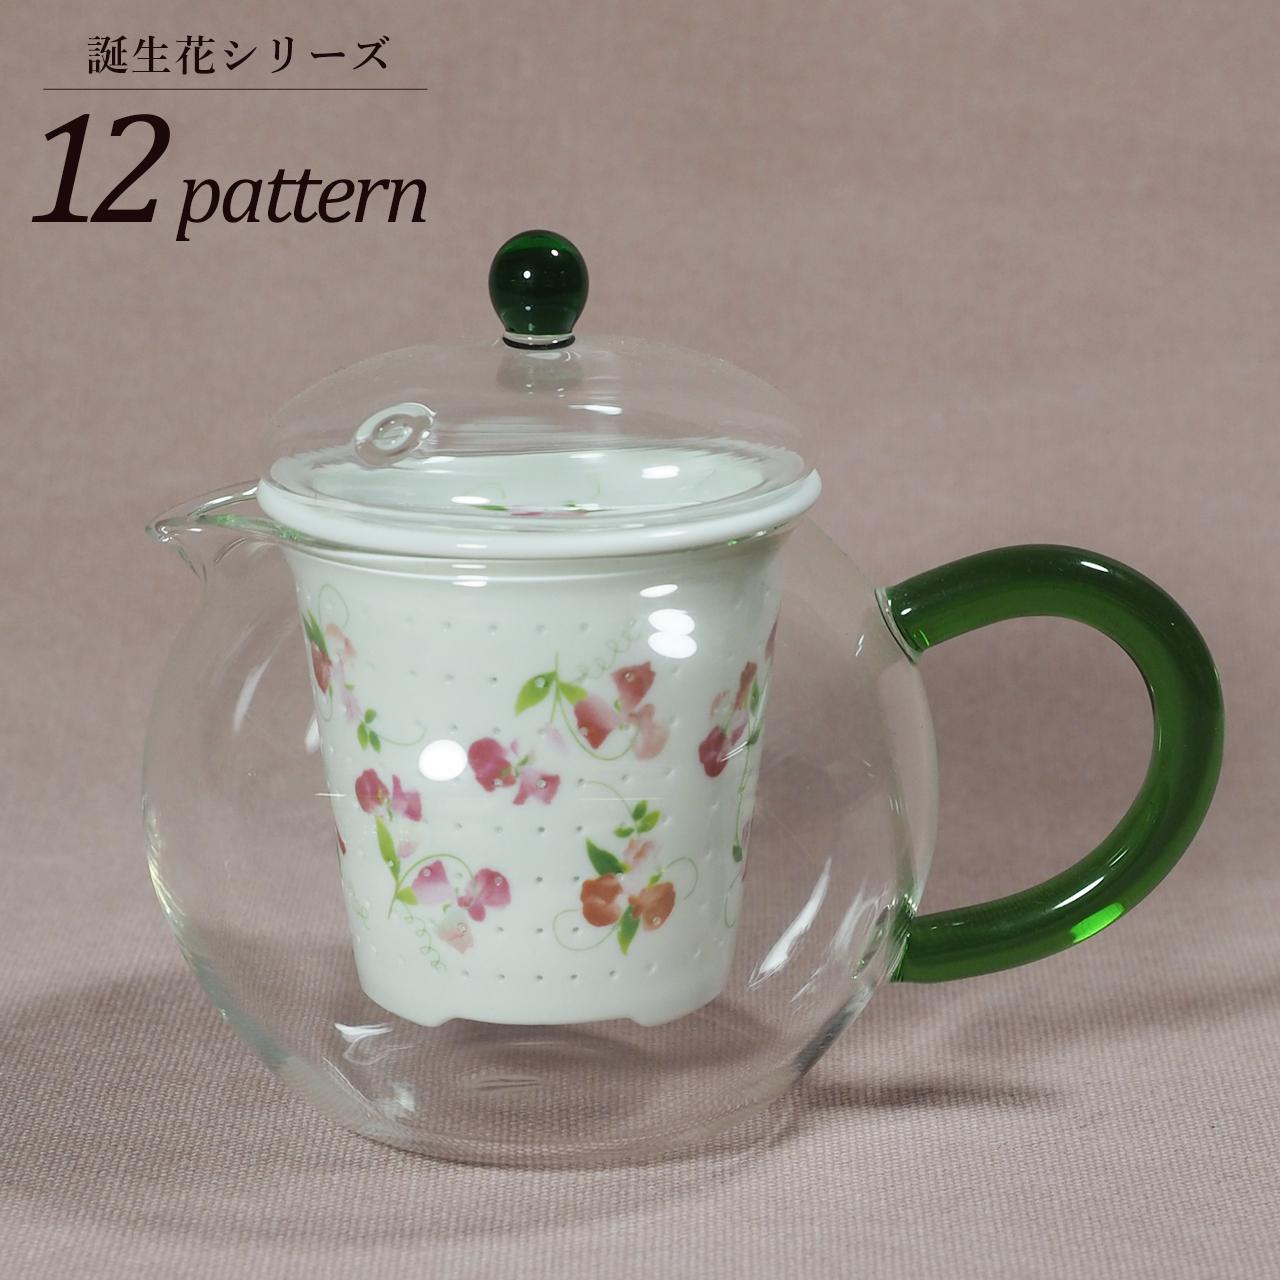 おしゃれポット FC-550G 誕生花シリーズ 10-012-A